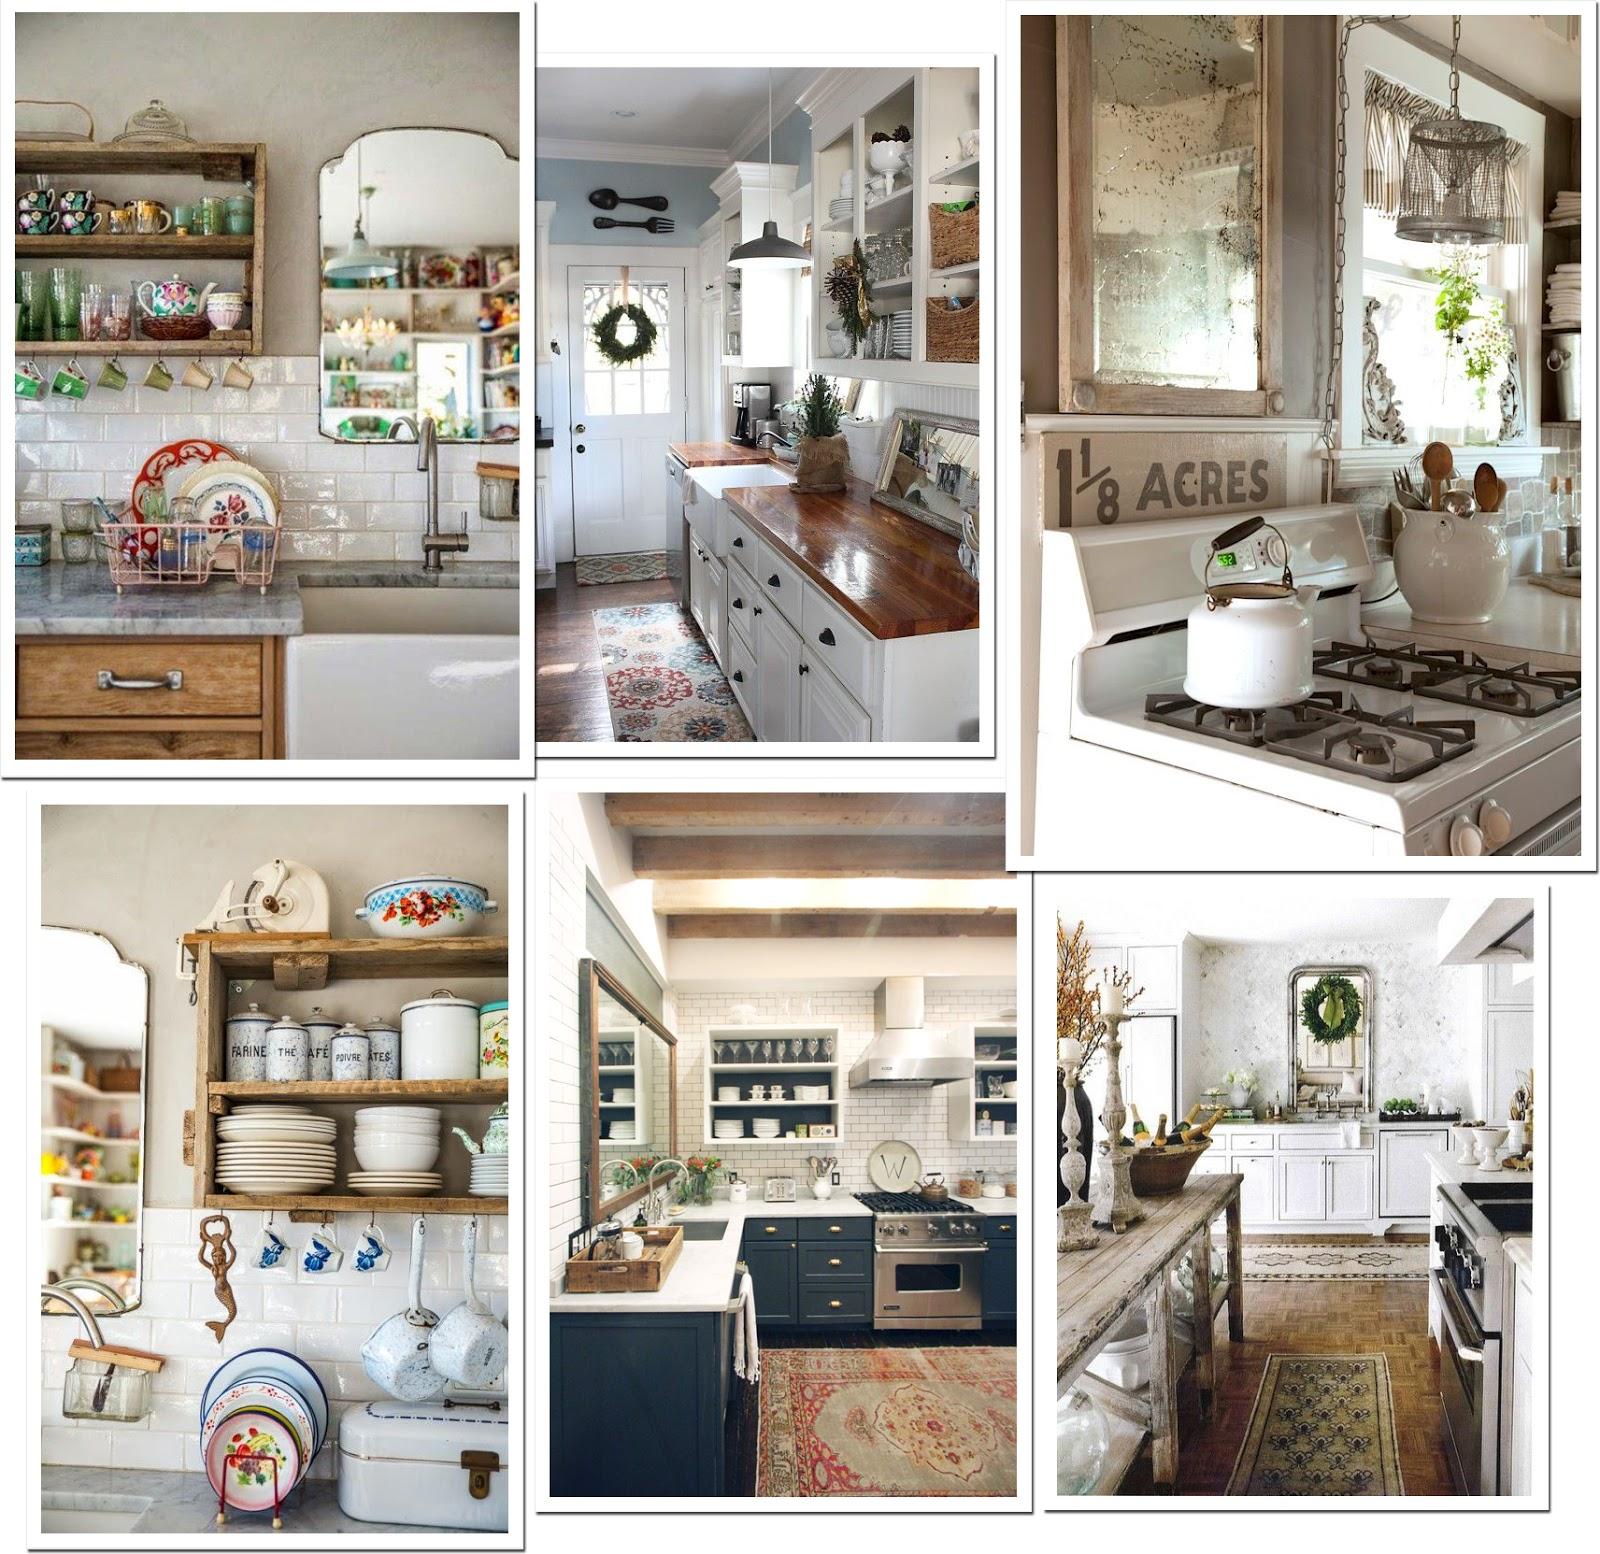 Uno specchio in cucina shabby chic interiors for Cabine per la colazione per cucine